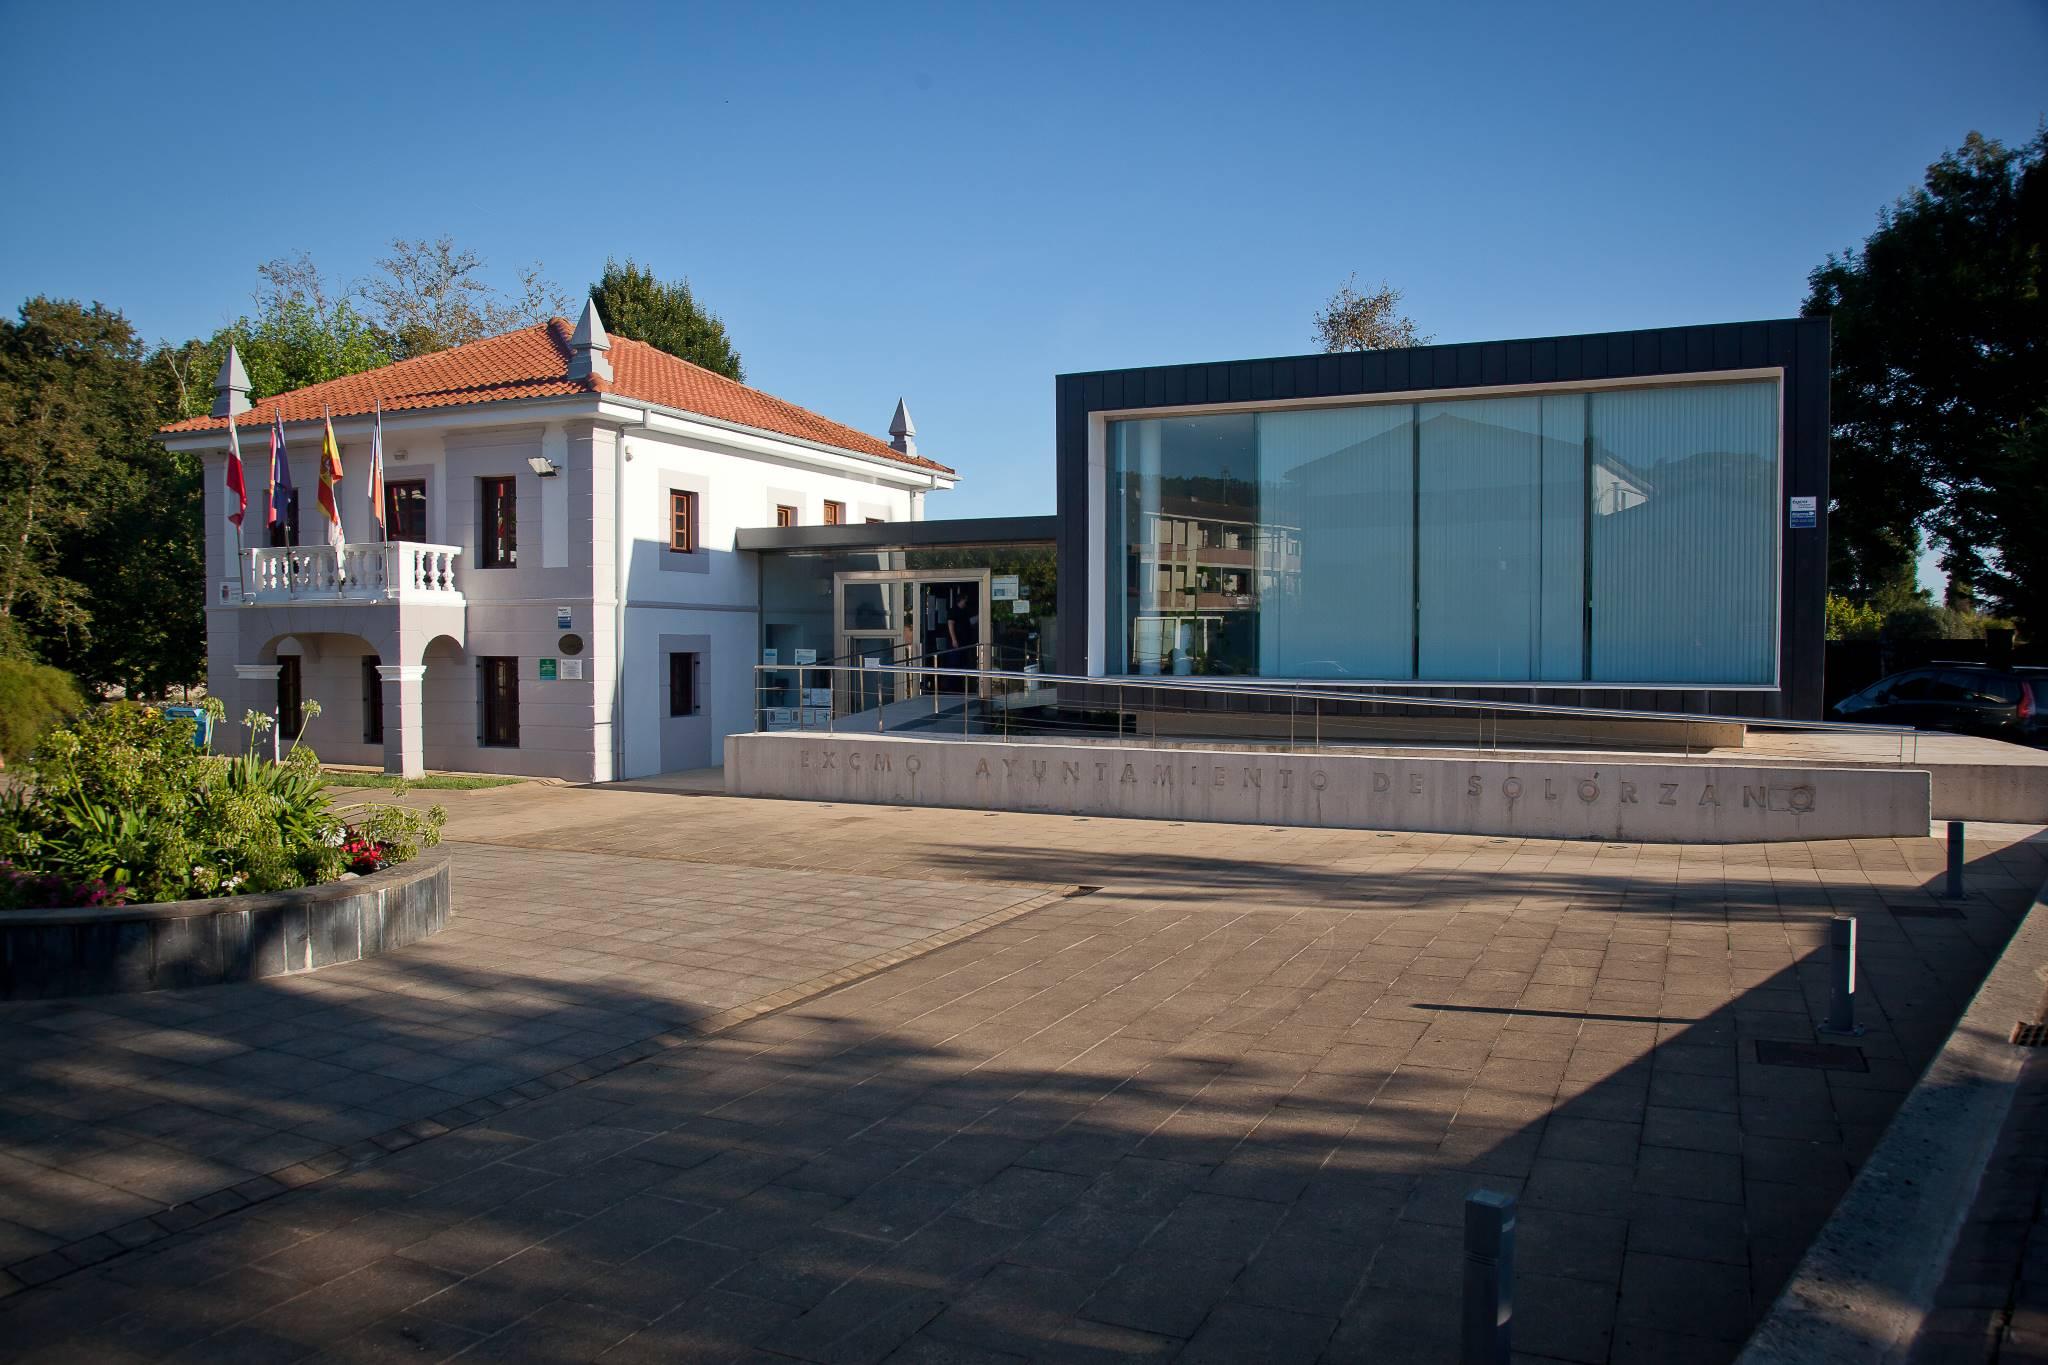 Ayuntamiento de Solórzano